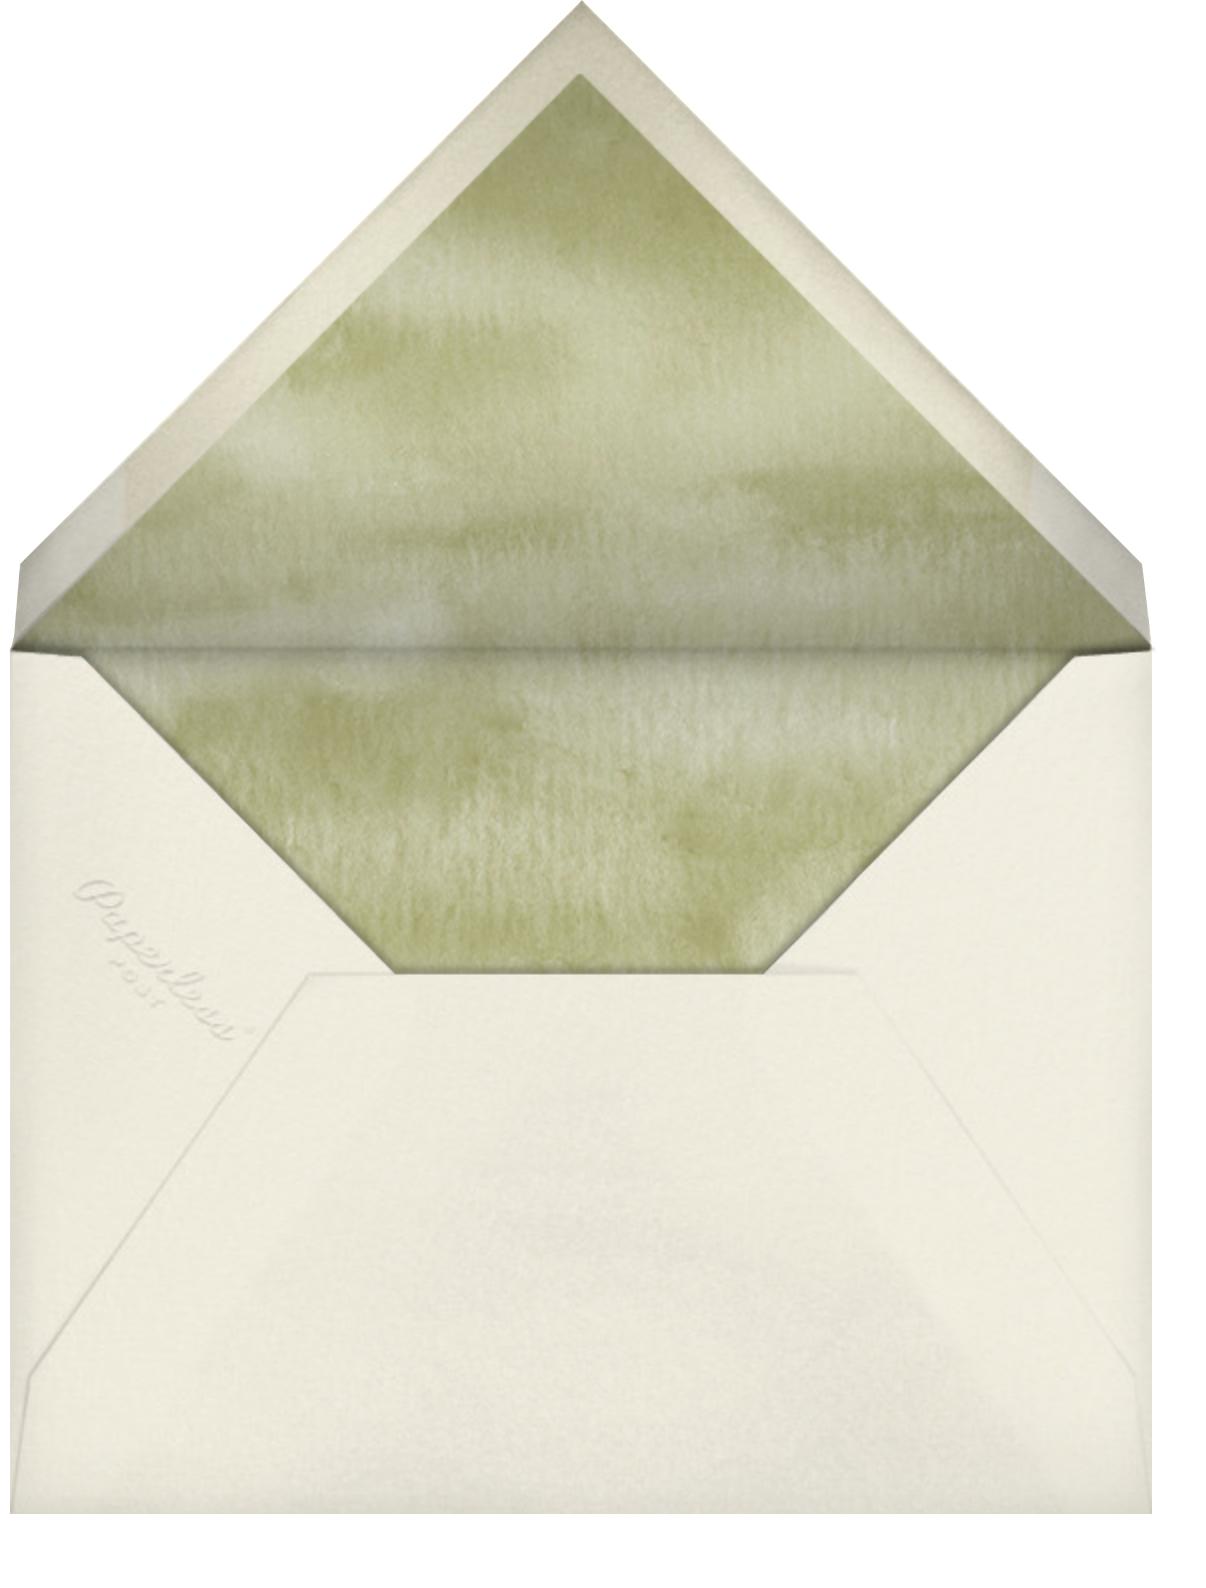 Spring Border - Felix Doolittle - Dinner party - envelope back